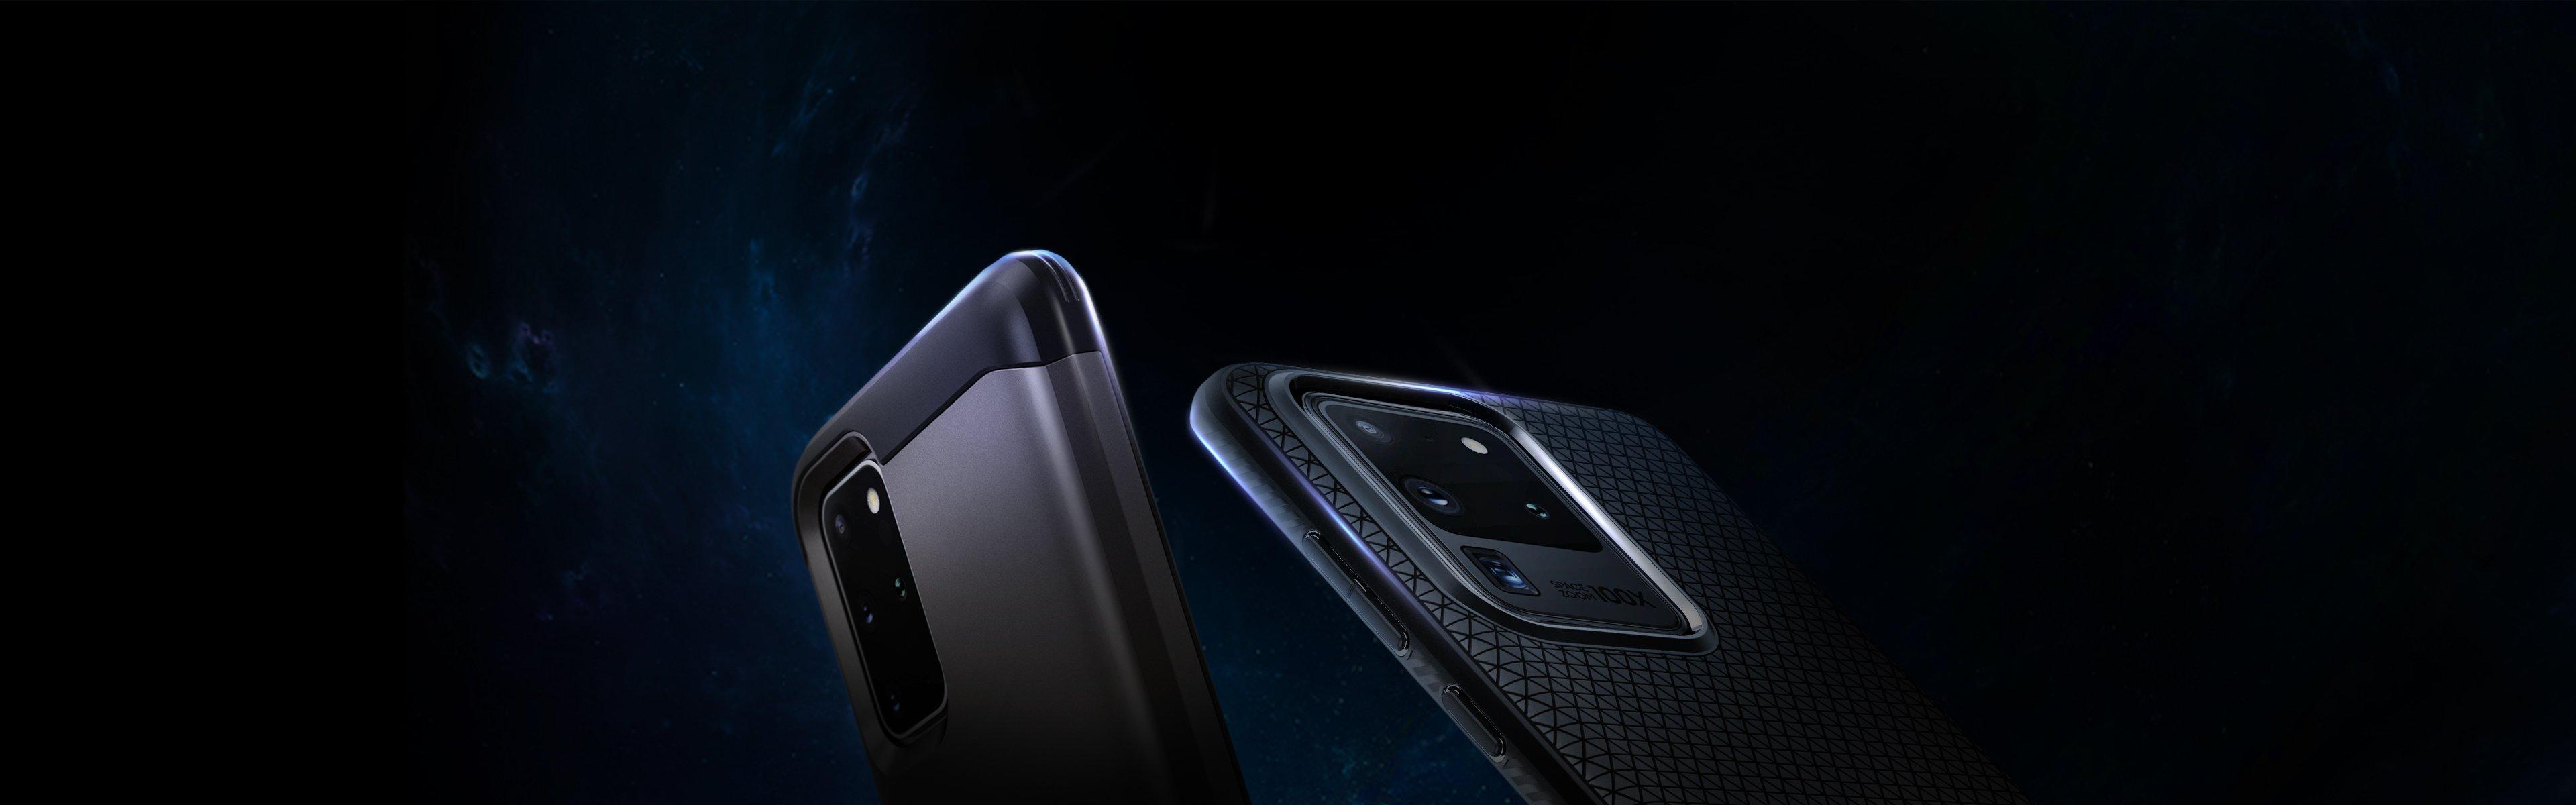 Spaceboy Spigen Samsung Galaxy S20 Promo